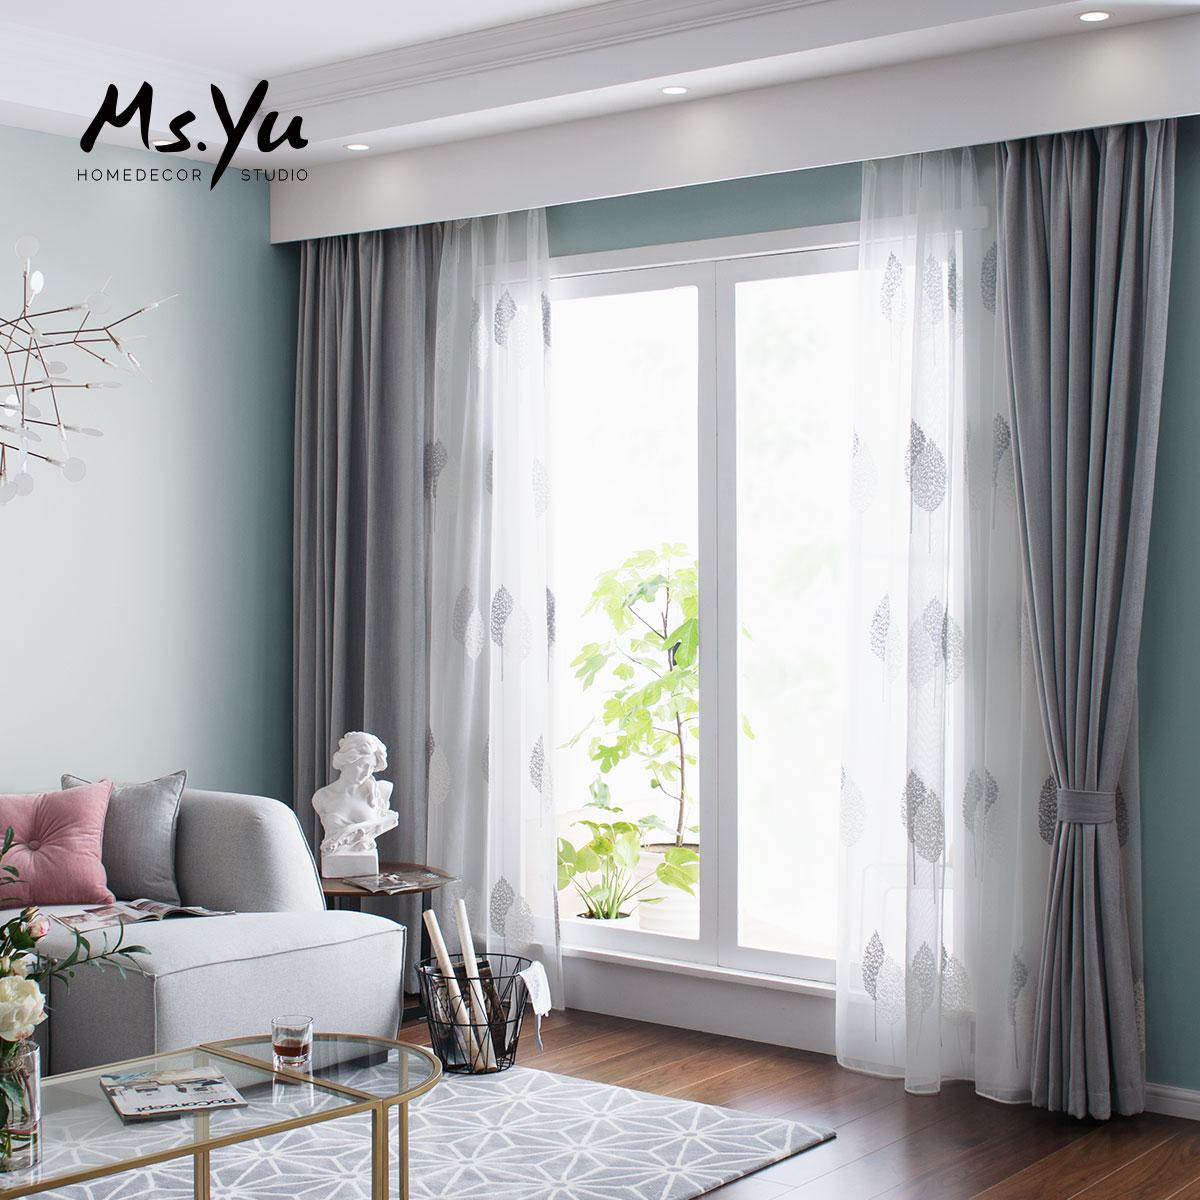 窗帘 北欧莫兰迪飘窗窗帘布 定制卧室客厅窗帘 #喻小姐软装设计室